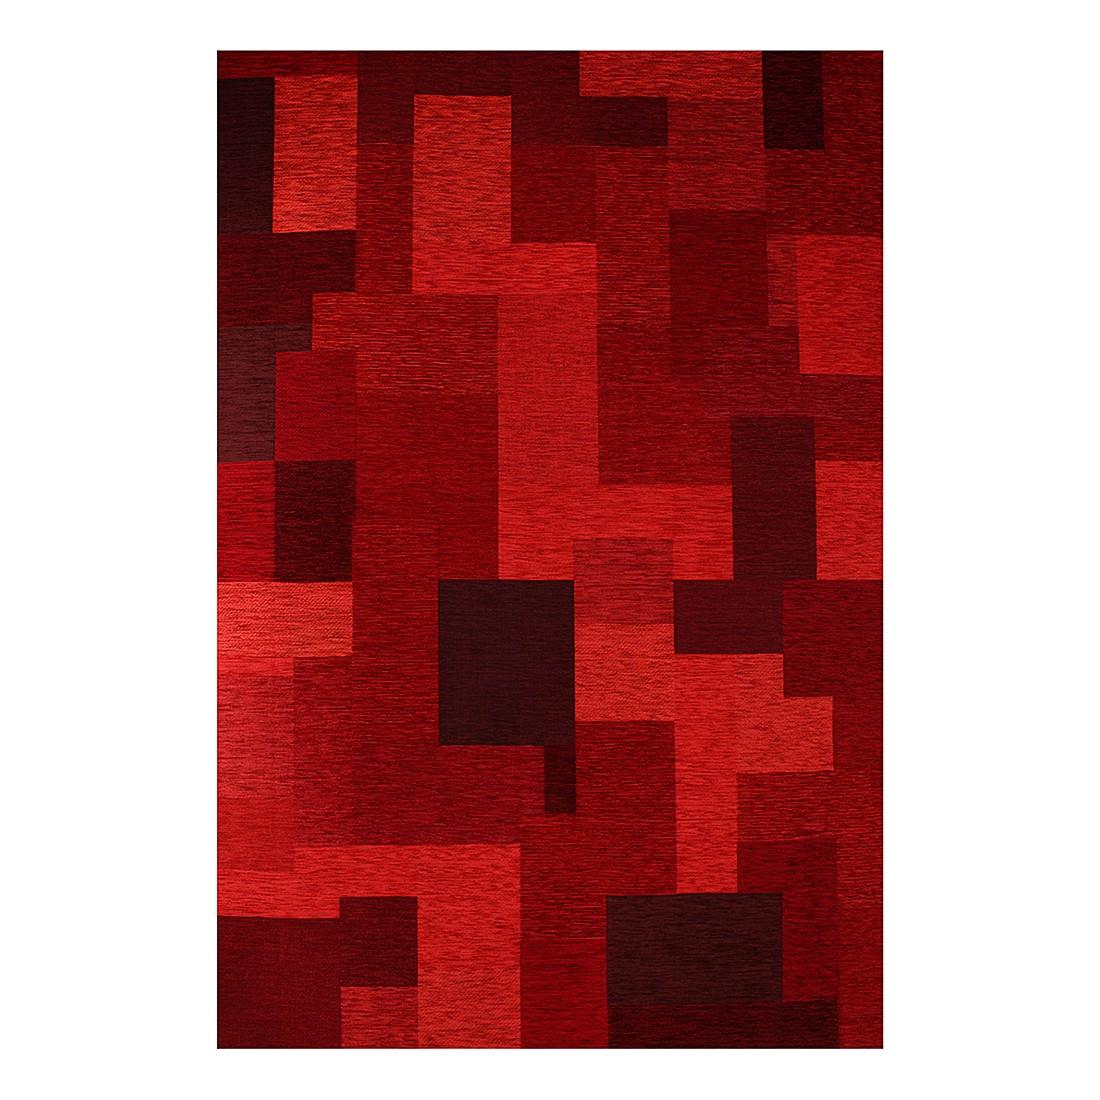 Teppich Retro Domino V – 170 x 230 cm, Schöngeist & Petersen günstig kaufen